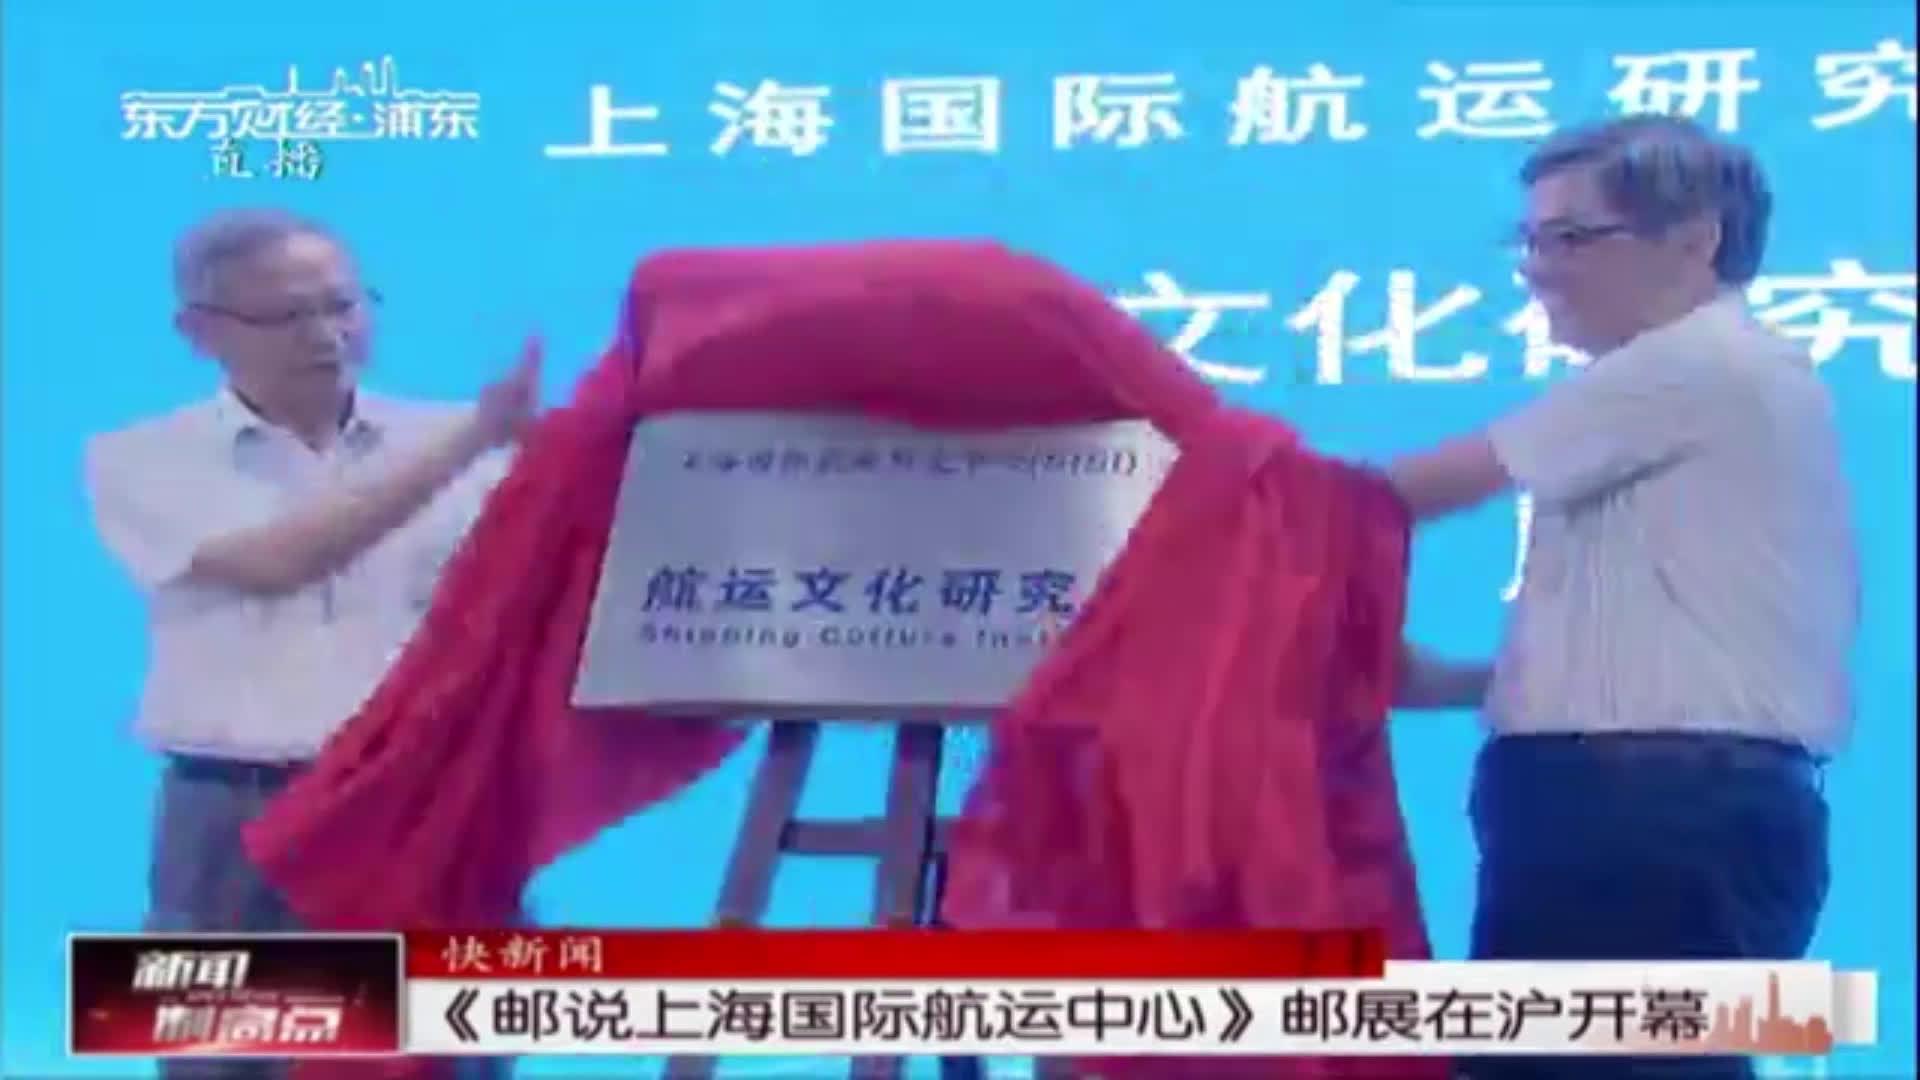 《邮说上海国际航运中心》邮展在沪开幕